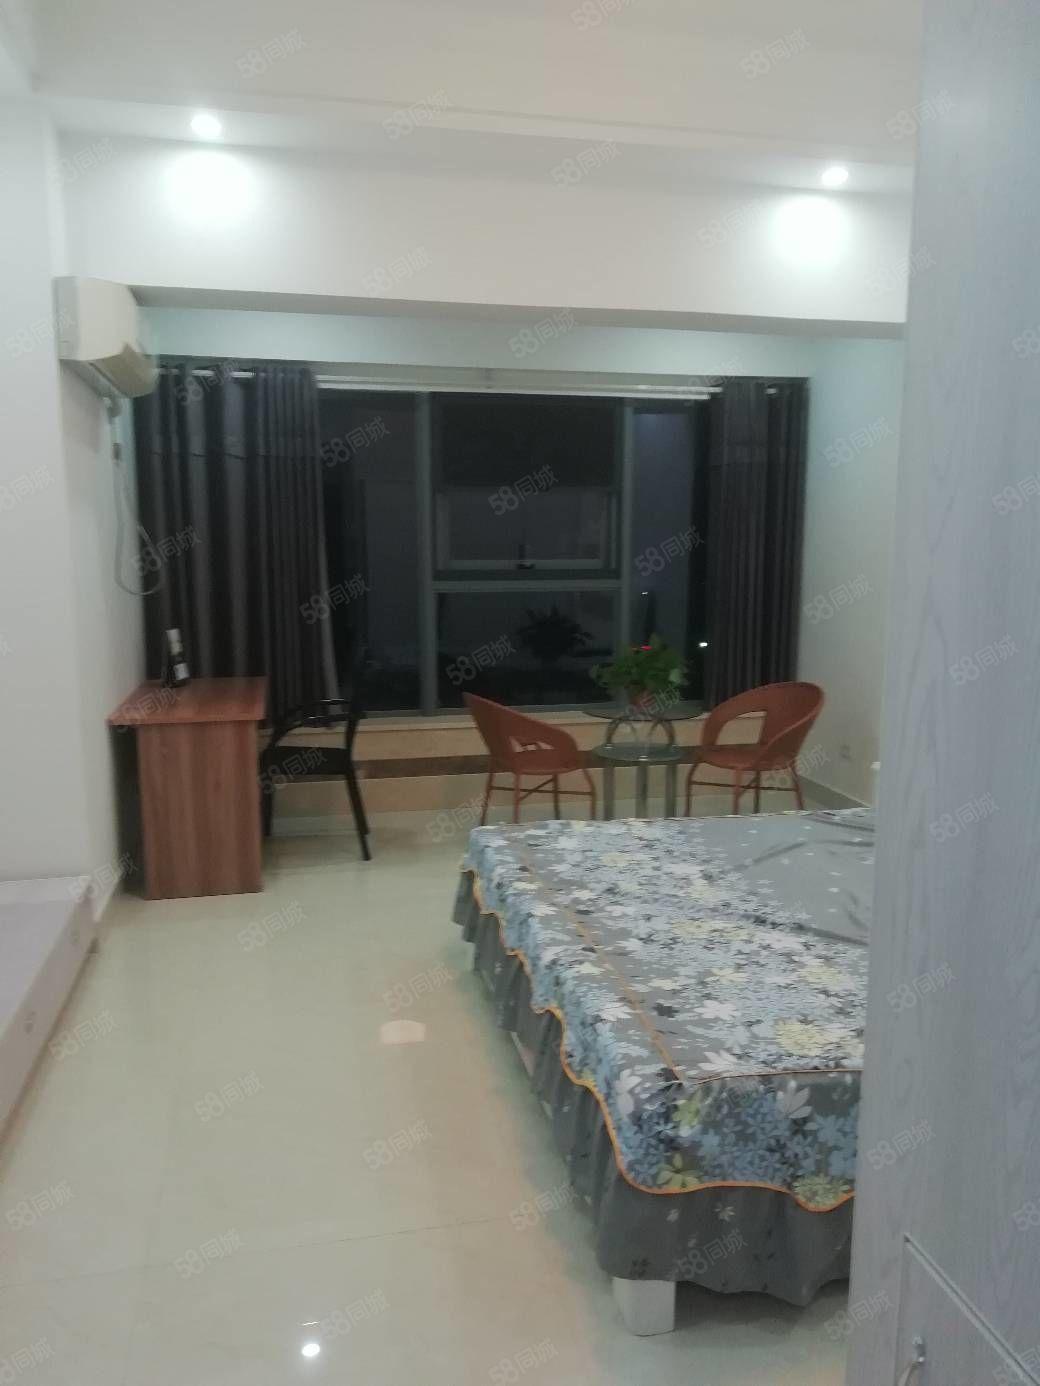 润达国际公寓一室一厅出租